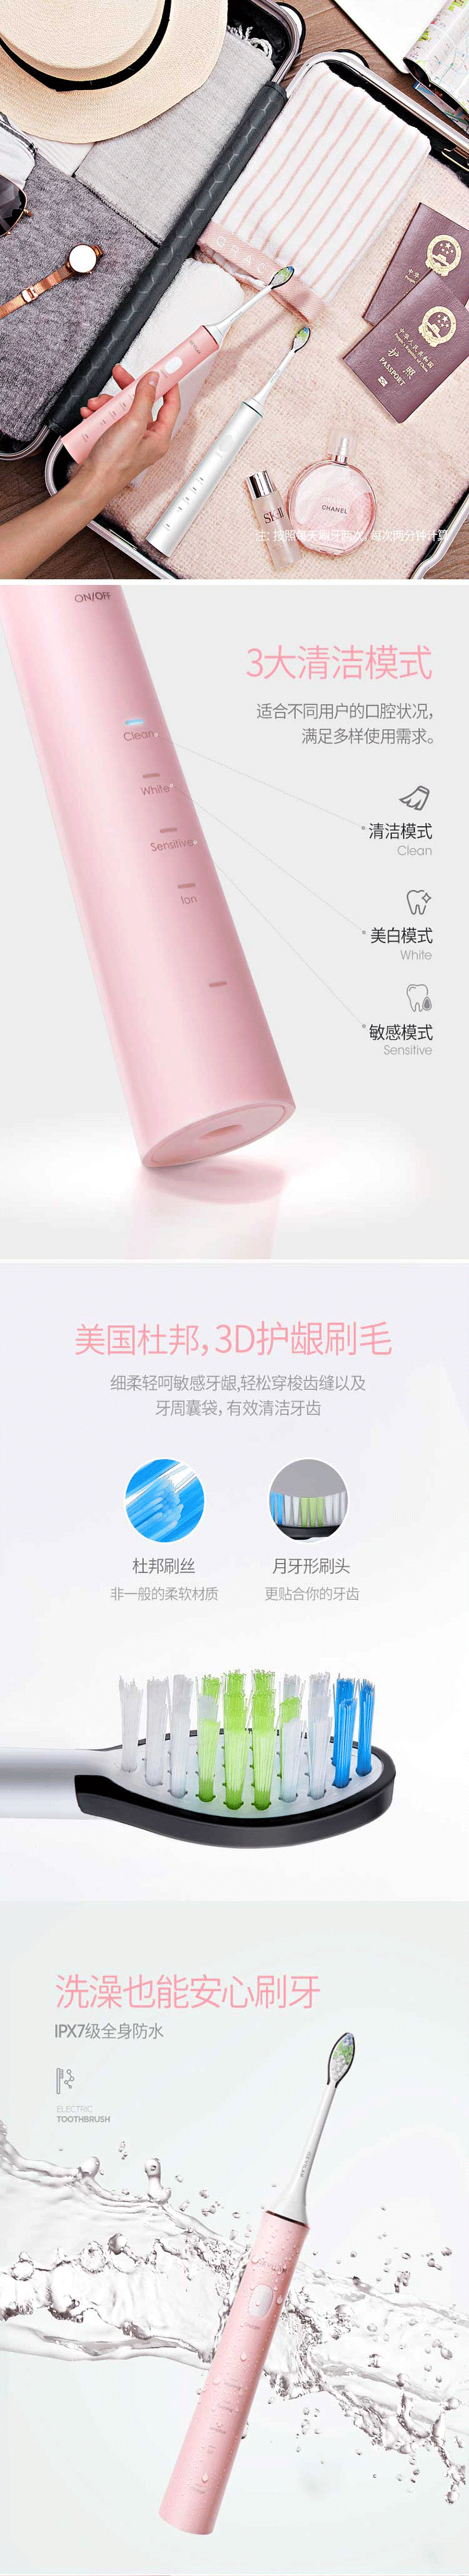 【轻体验】歌岚离子电动牙刷免费试用,评测